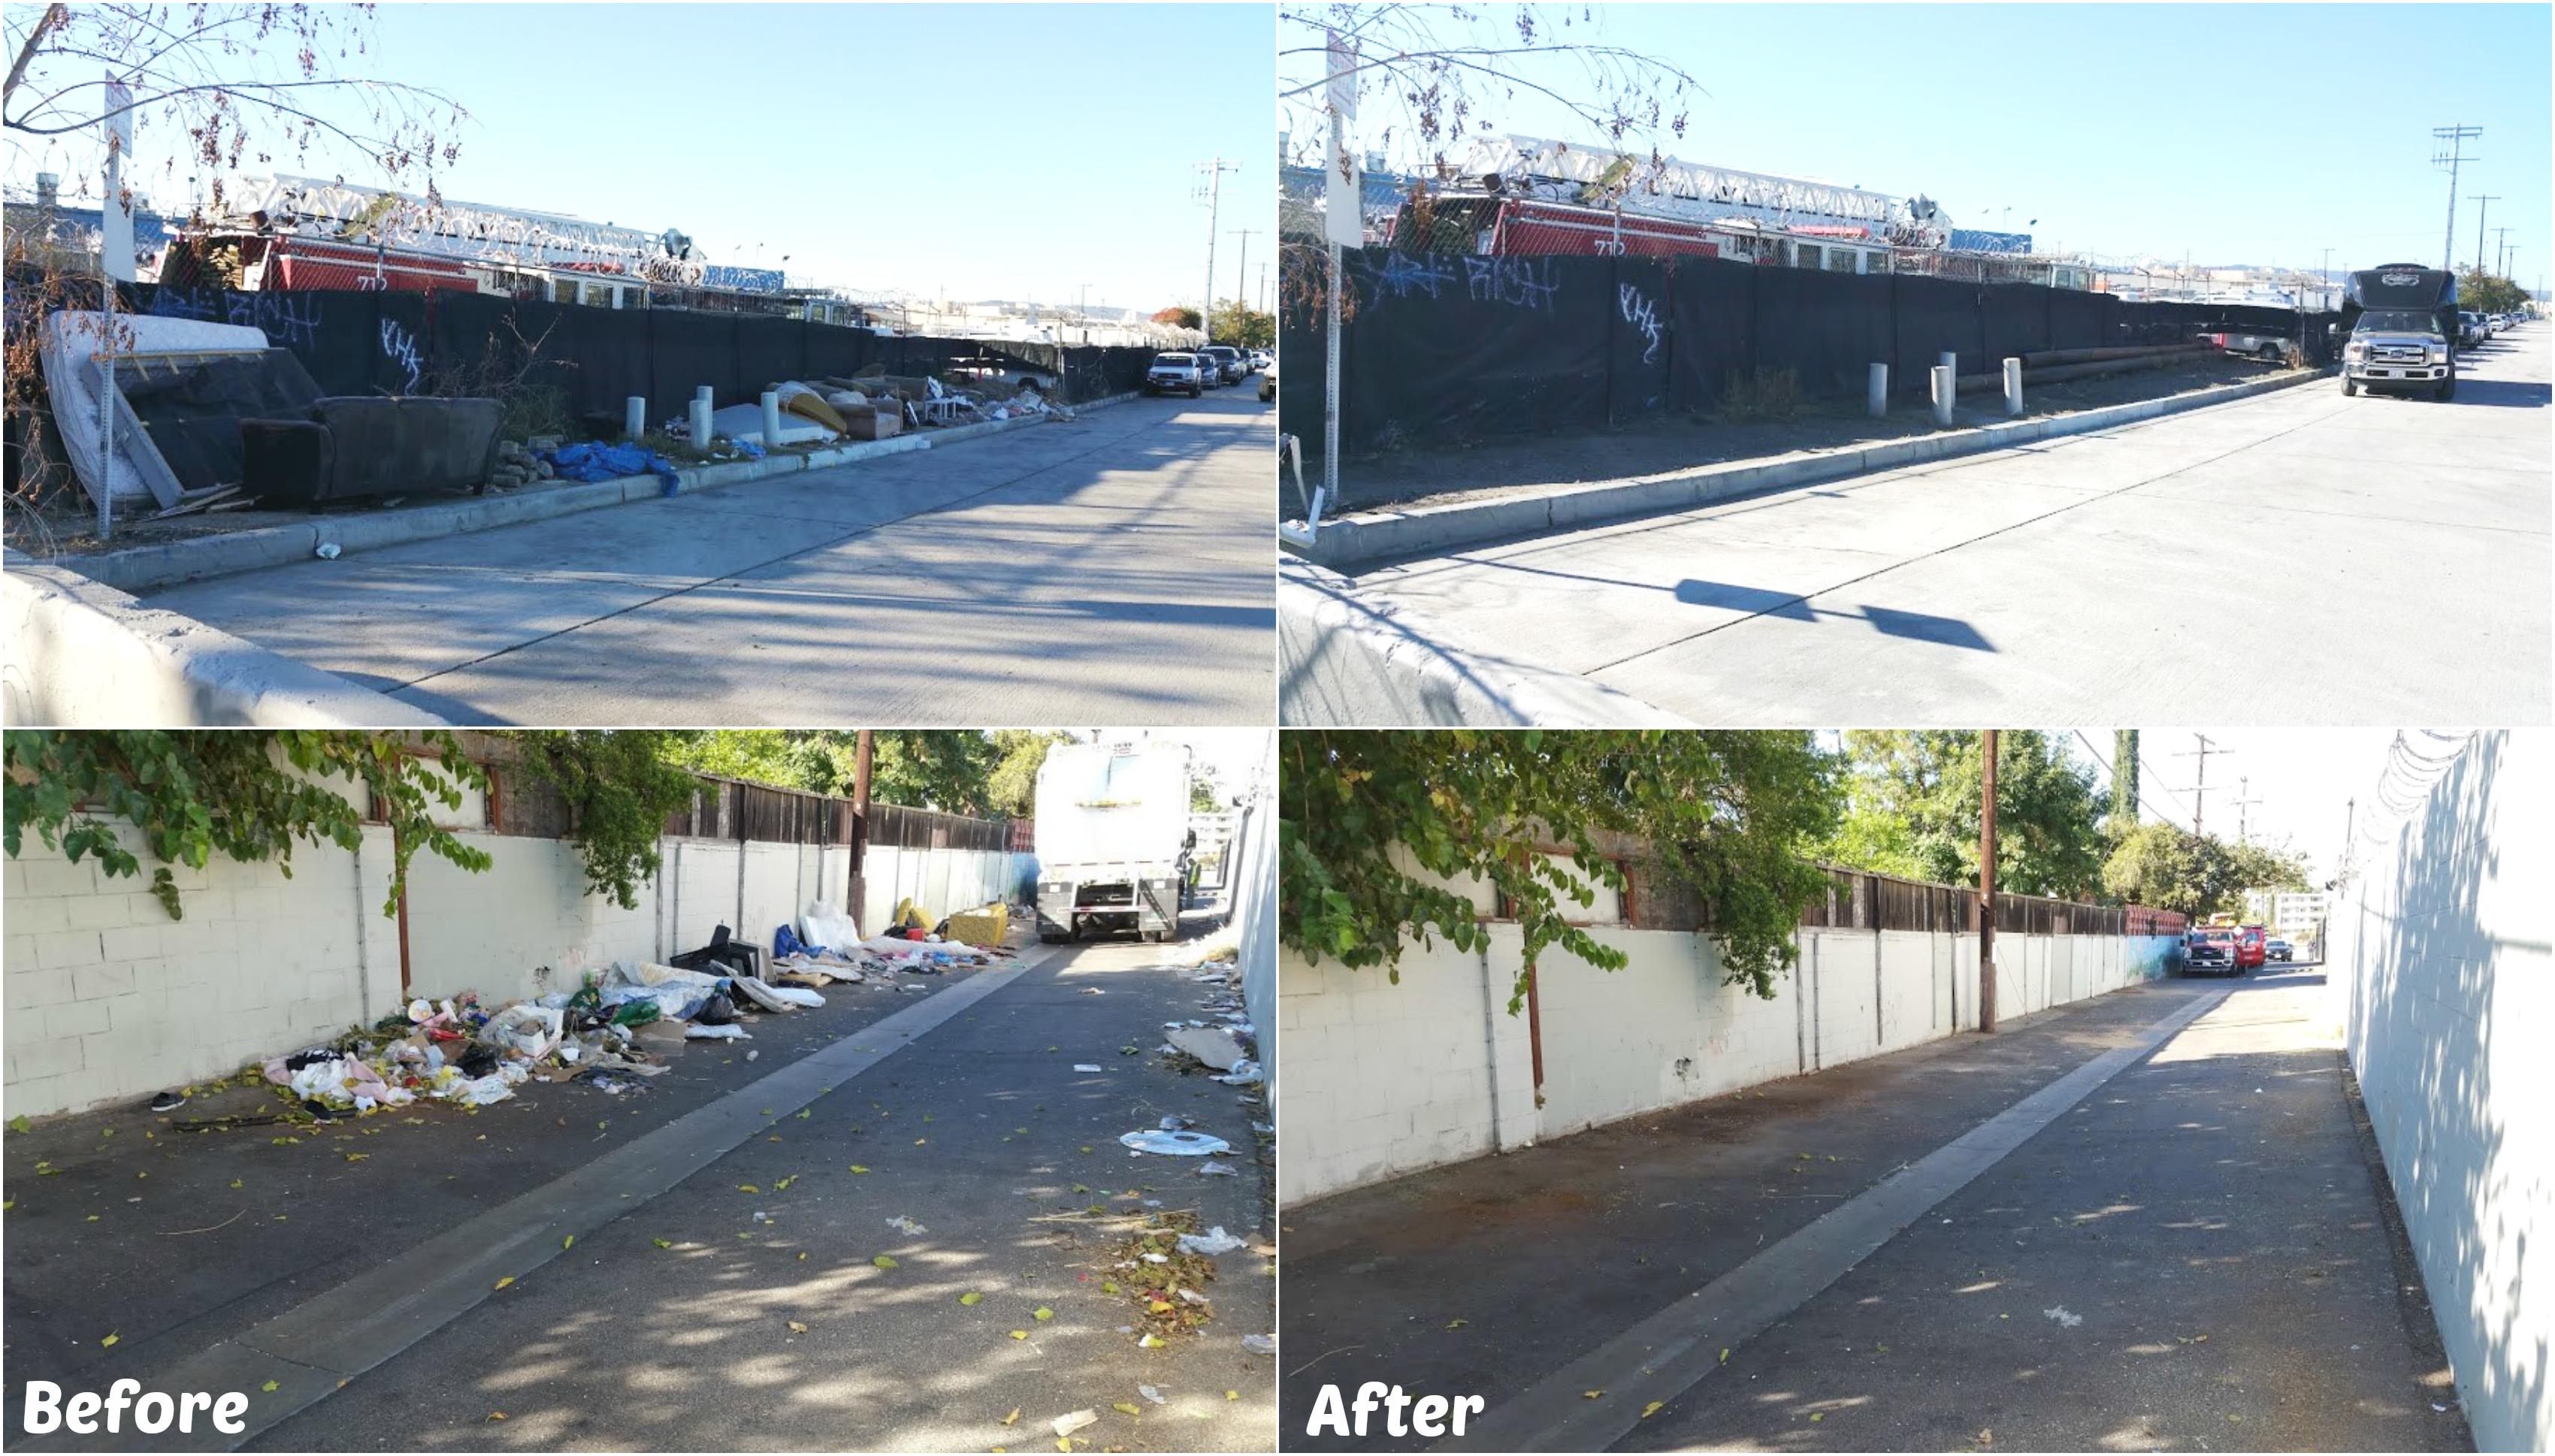 clean_streets_11.6.15.jpg